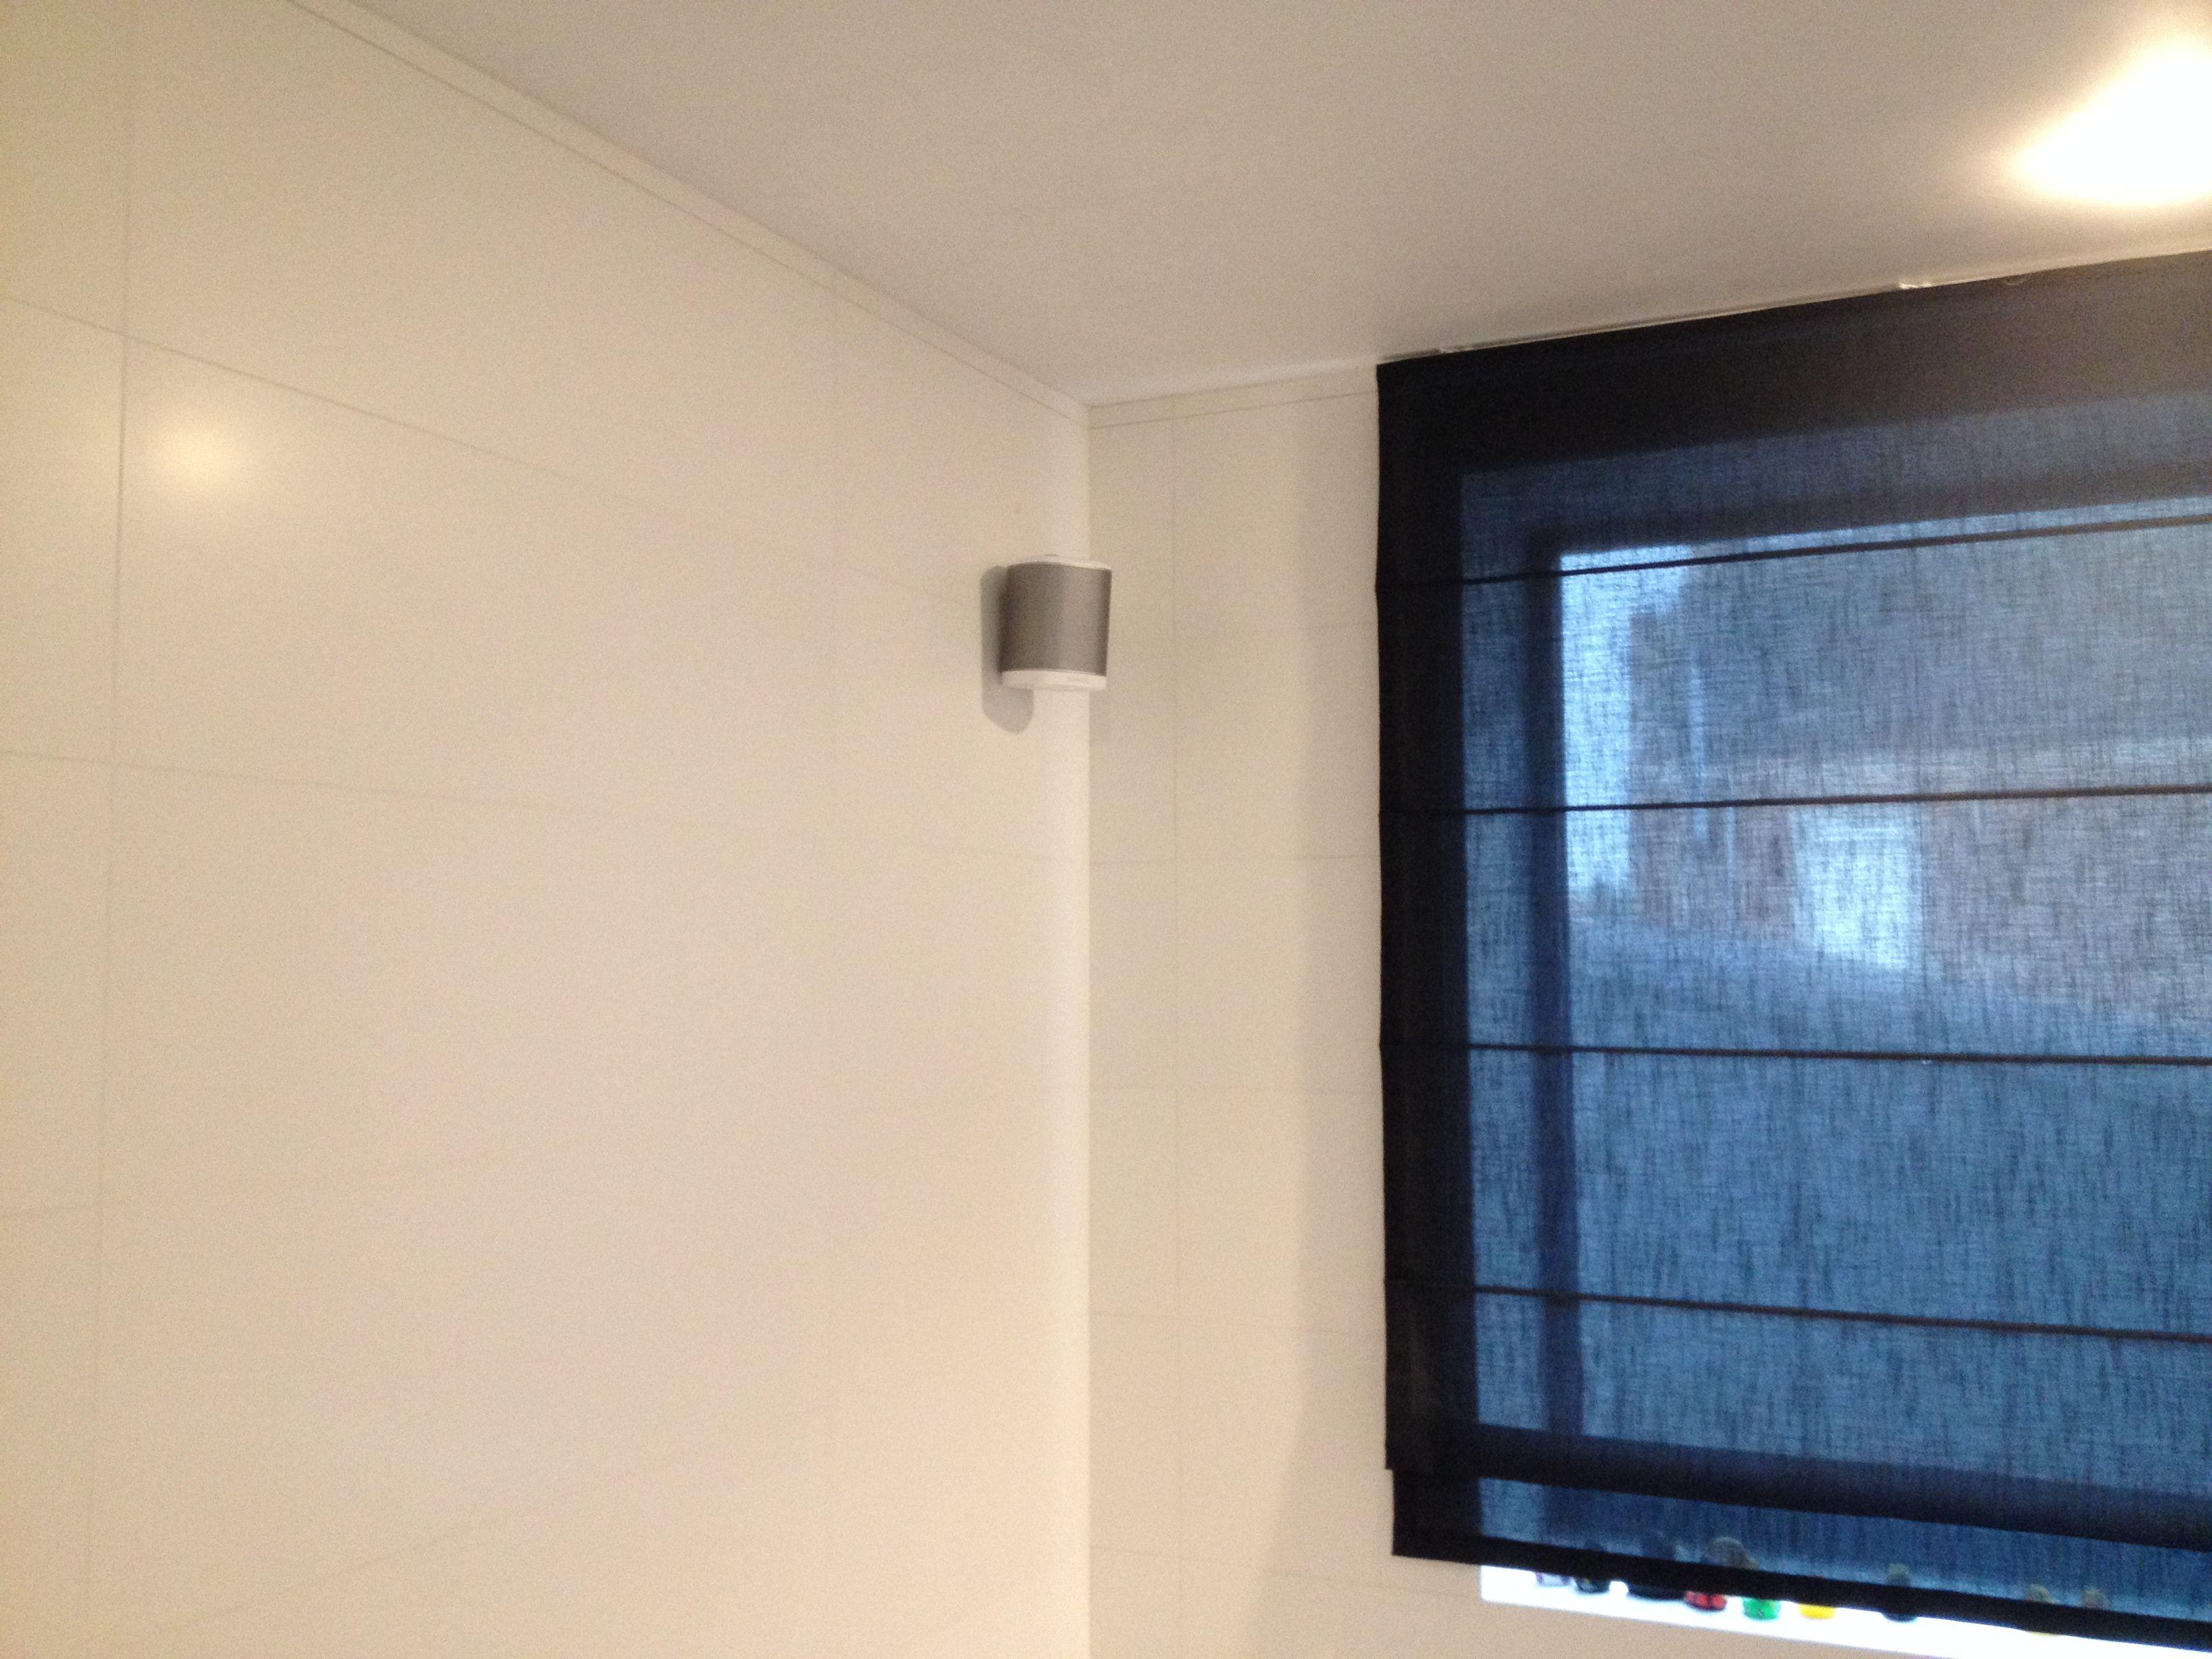 Sonos Play:1 speaker gemonteerd op een muurbeugel van Cavus | Overal ...